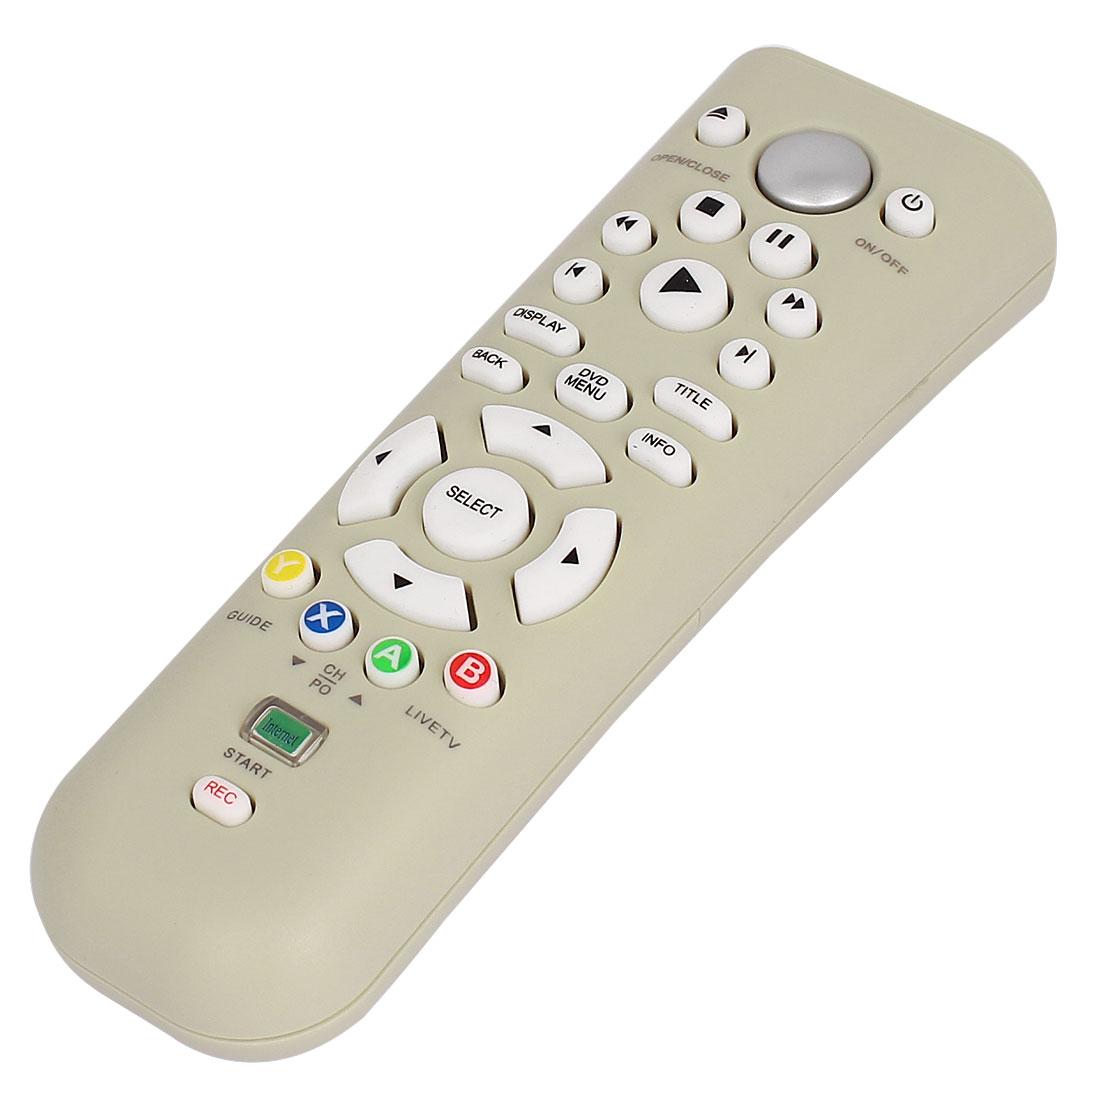 Wireless Microsoft Multimedia Media DVD Remote Control for Xbox 360